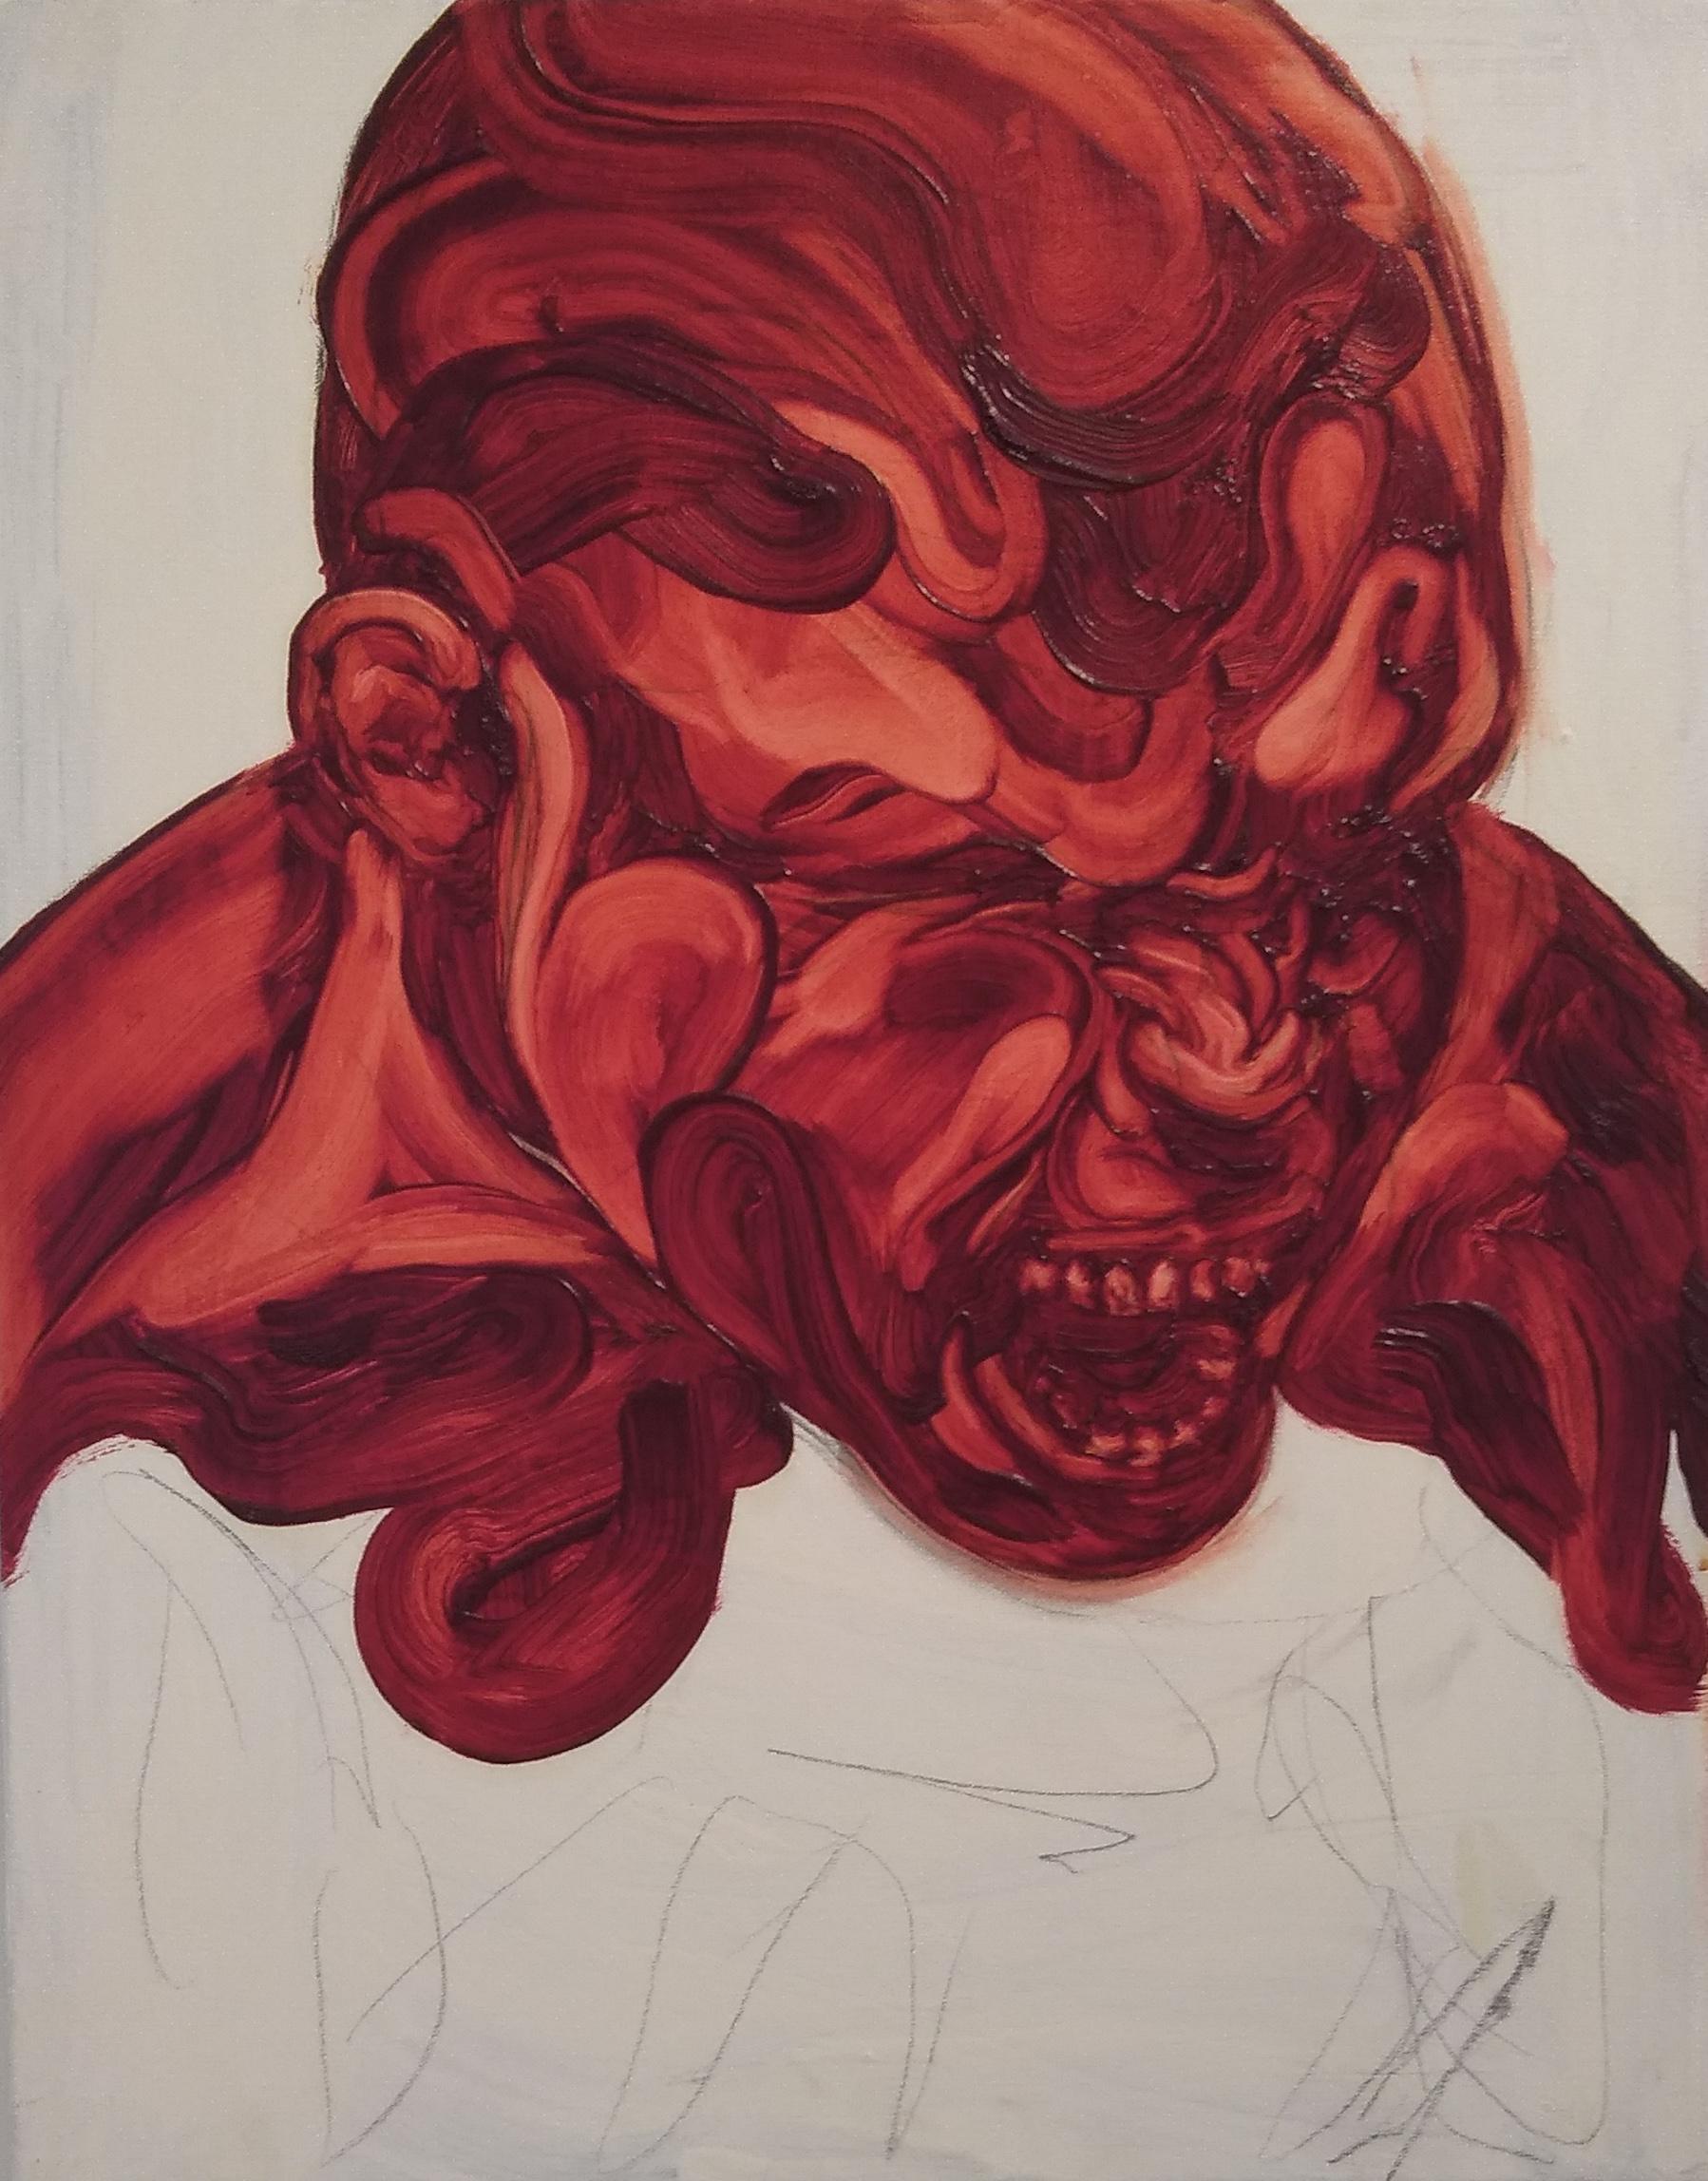 Vermelho V, Rafael Hayashi